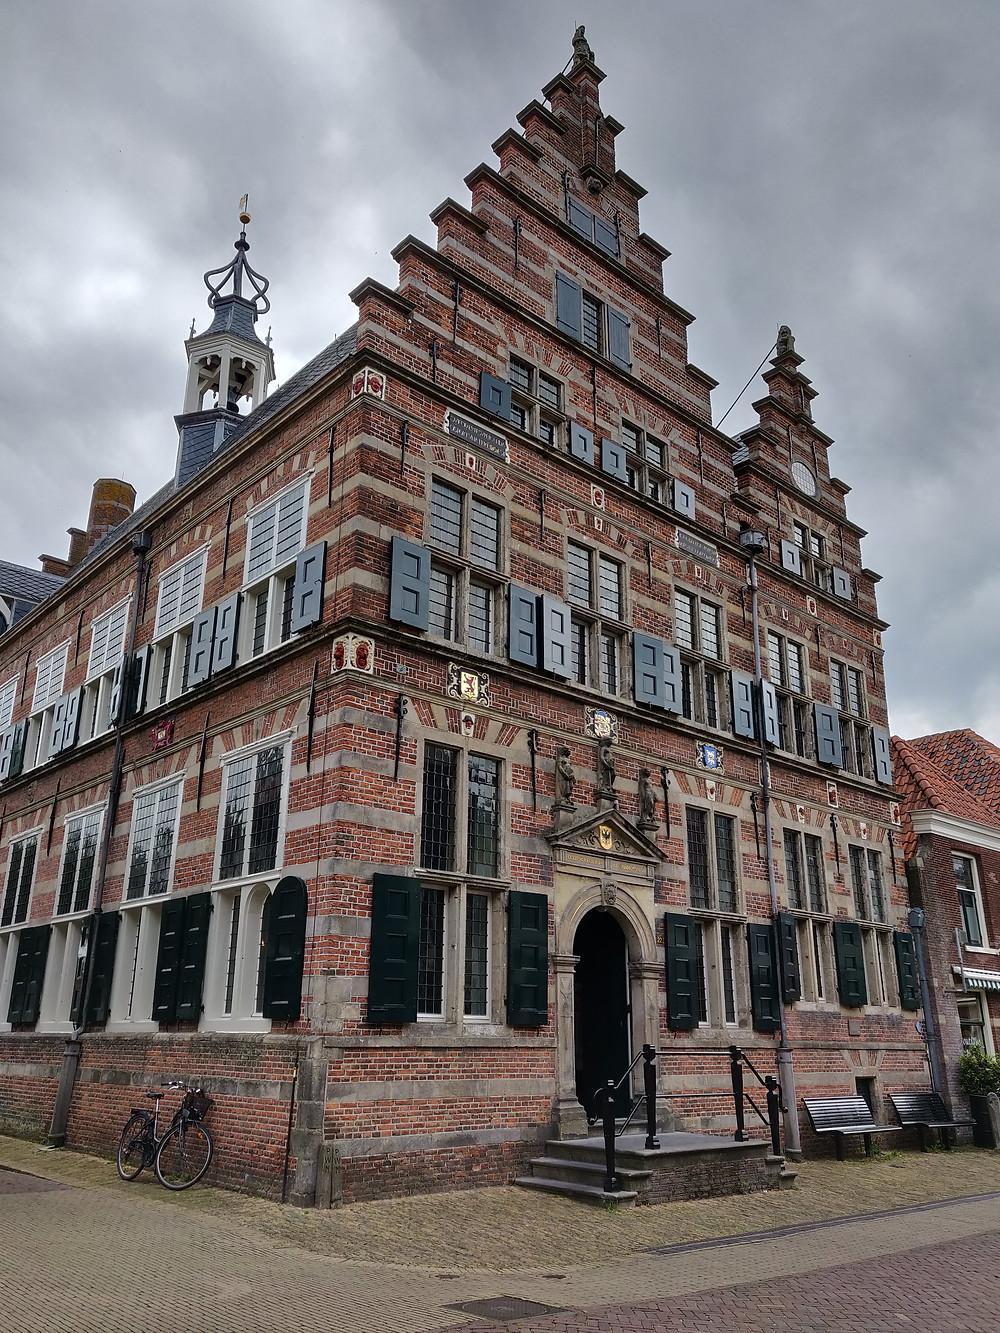 נארדן, הכוכב של הולנד. בית העיריה